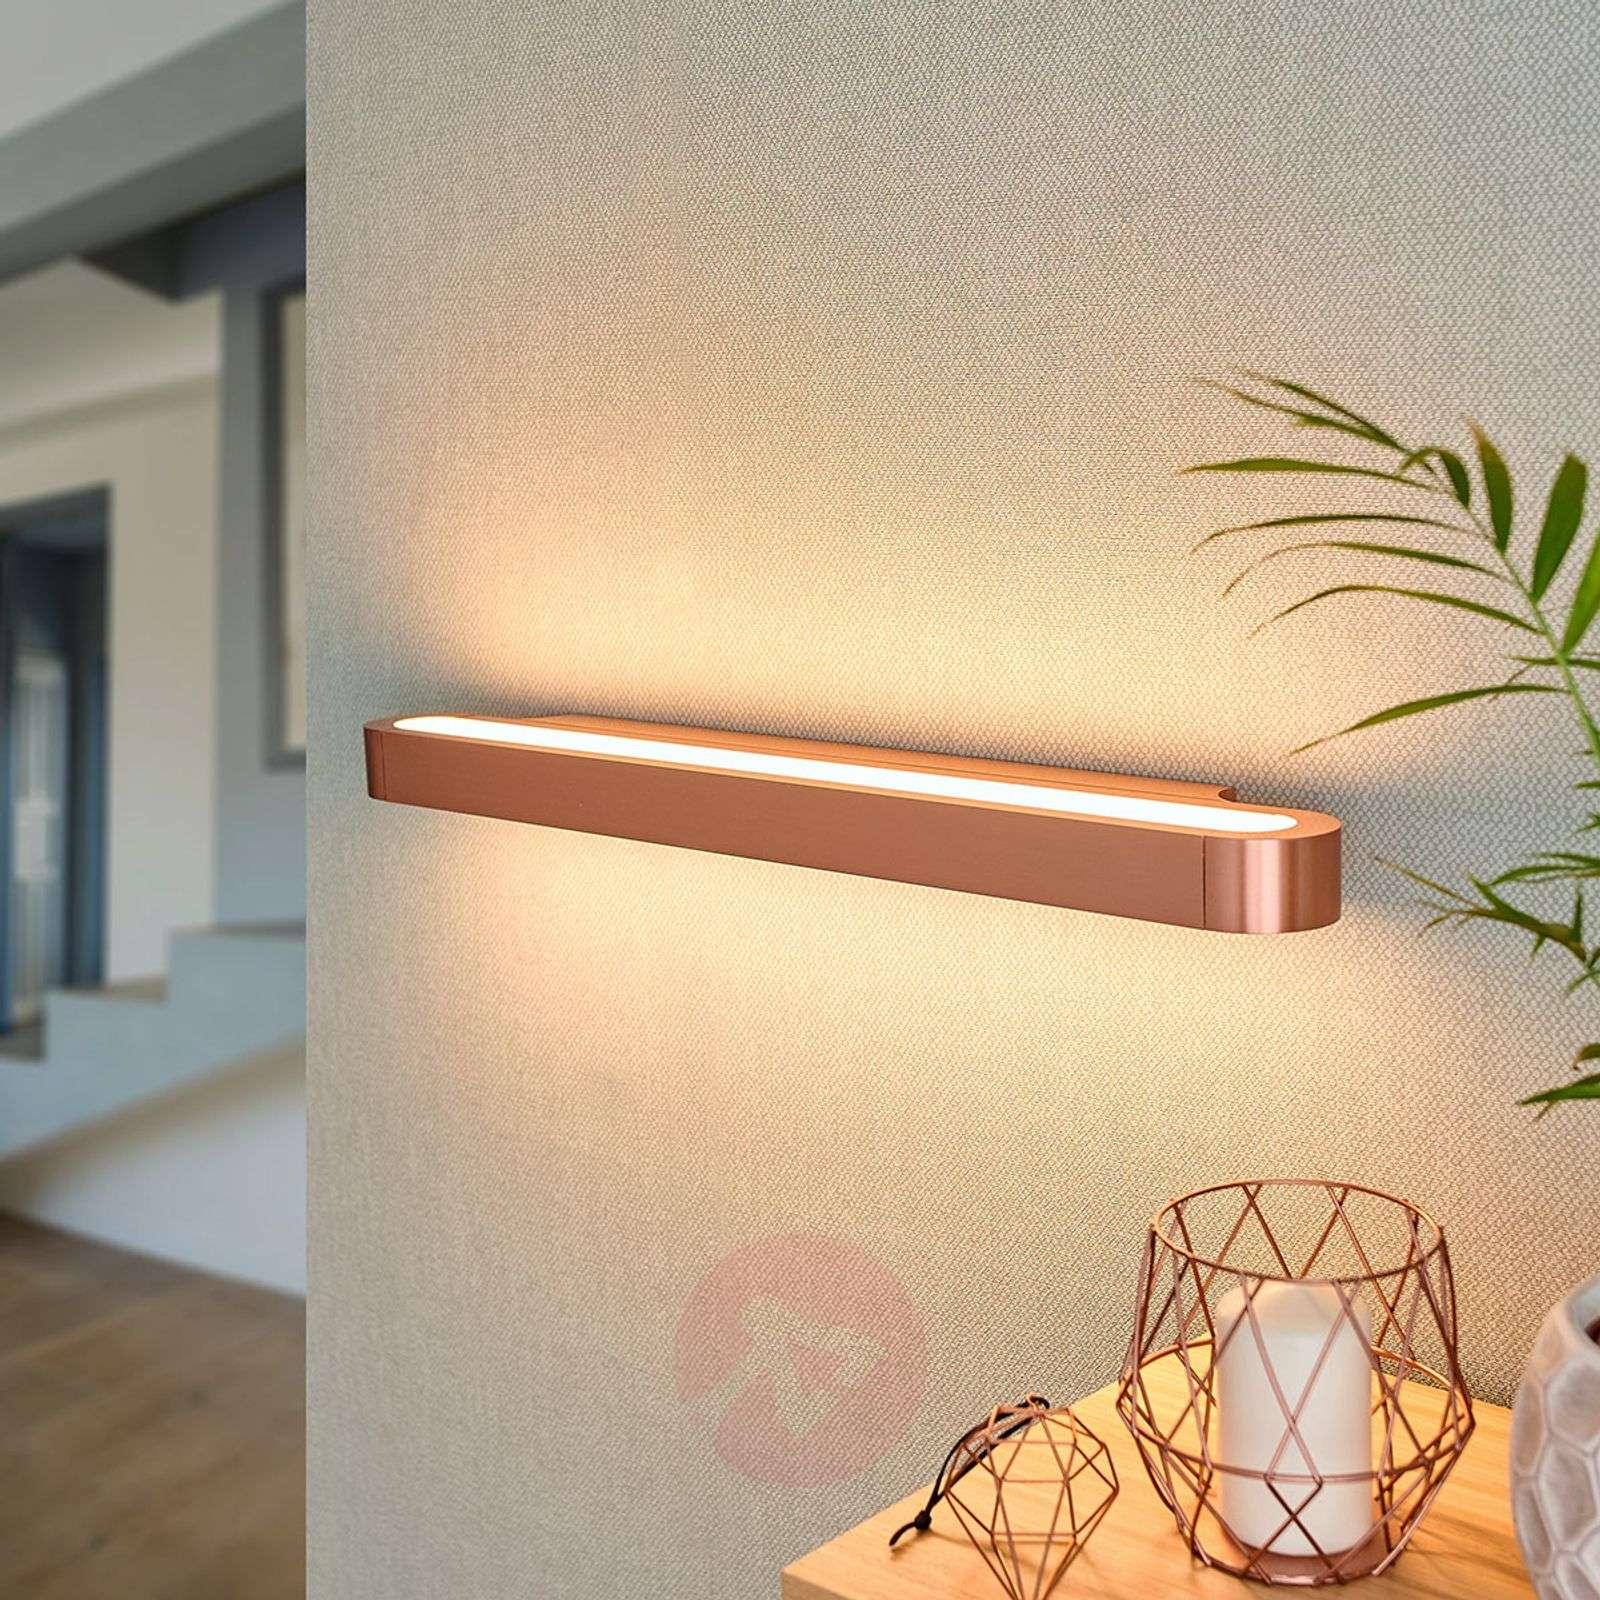 Artemide Talo 60 LED-seinävalaisin kupari 3 000 K-1060063-01